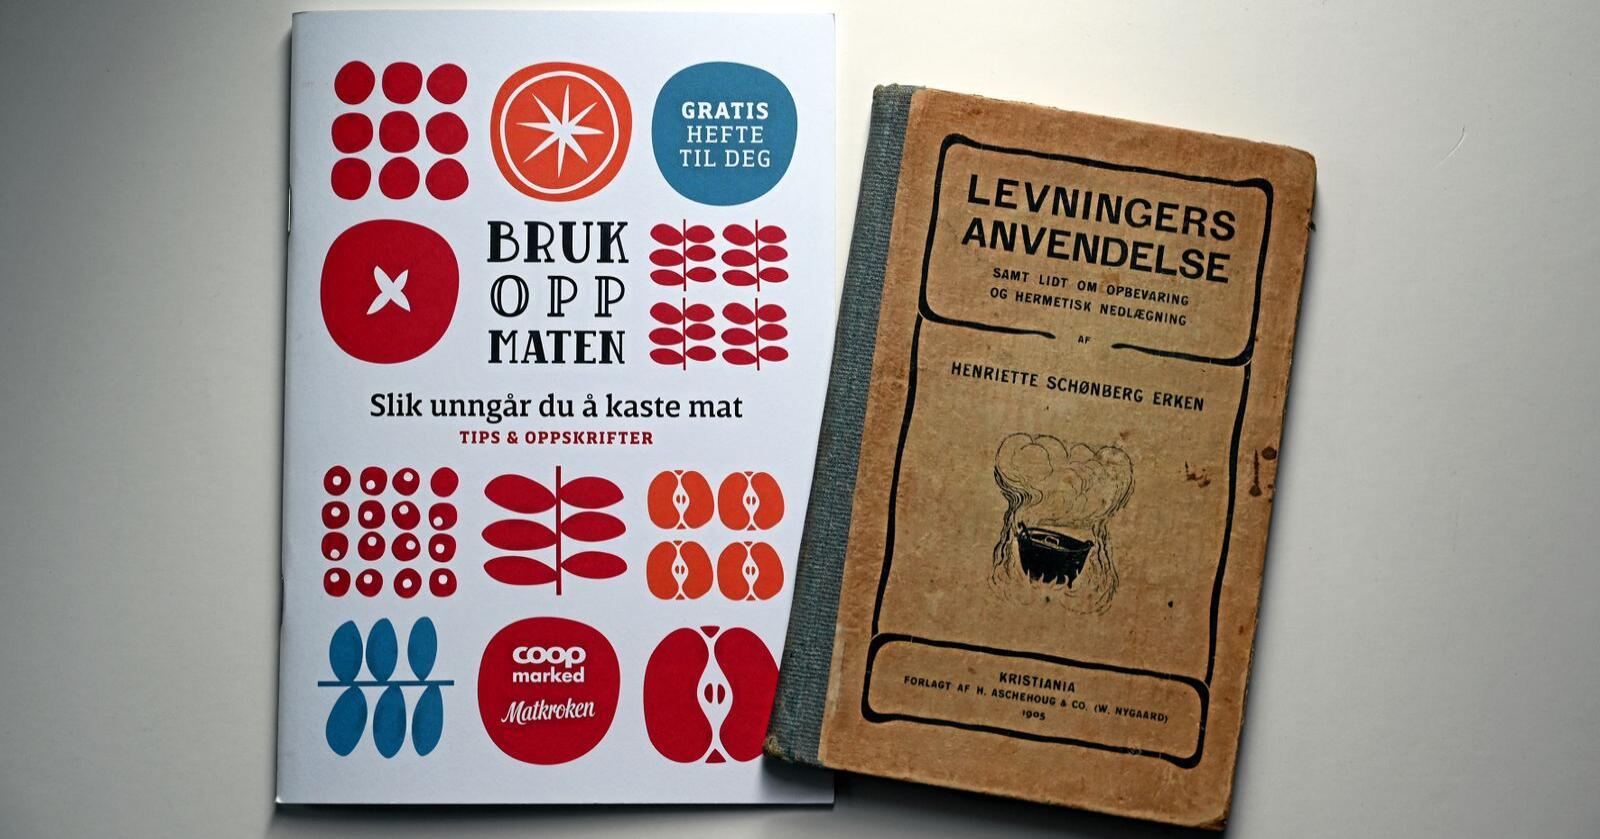 Før og nå: I mer enn hundre år har vi kunnet lese oss til at det dumt å kaste mat, og at «Brødrester kan benyttes til suppe, brødboller, arme riddere, kan tørres, stødes og brukes som kavring». Dagens matskribenter sier akkurat det samme som en insisterende Henriette Schønberg Erken satte ned på arket i 1905. Foto: Per A. Borglund